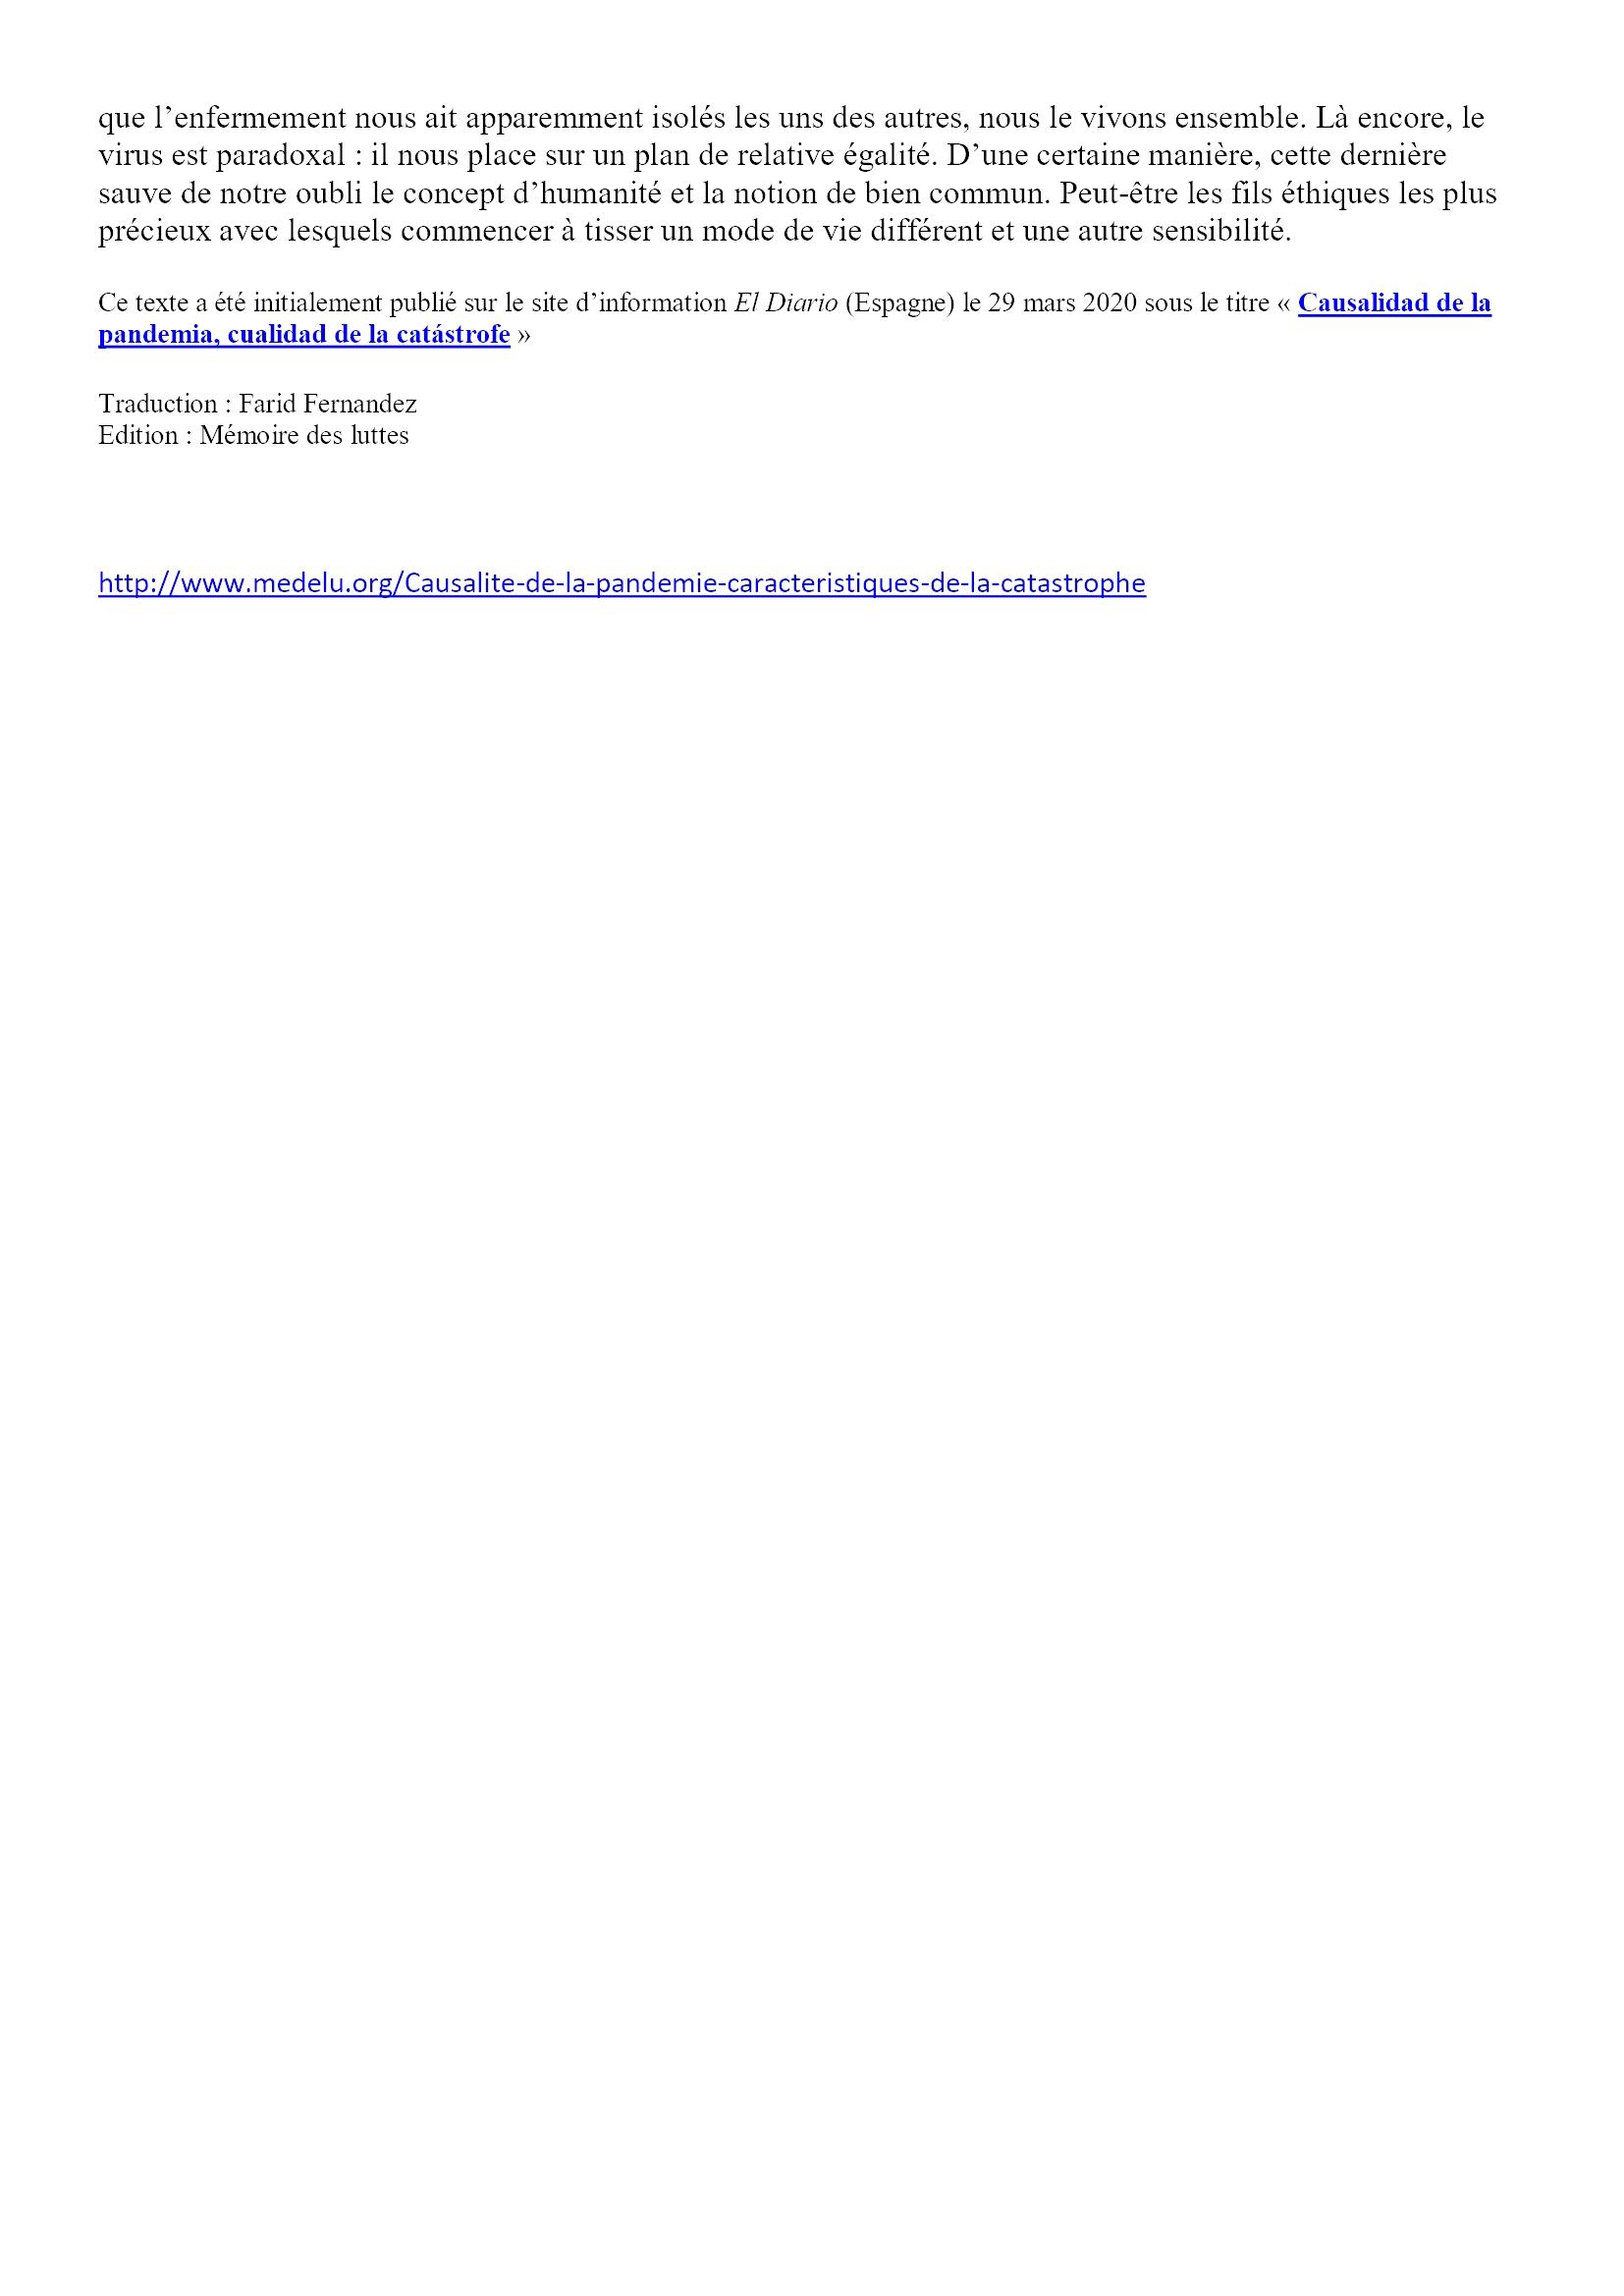 Causalité de la pandémie, caractéristiques de la catastrophe Angel Luis Lara 5x5